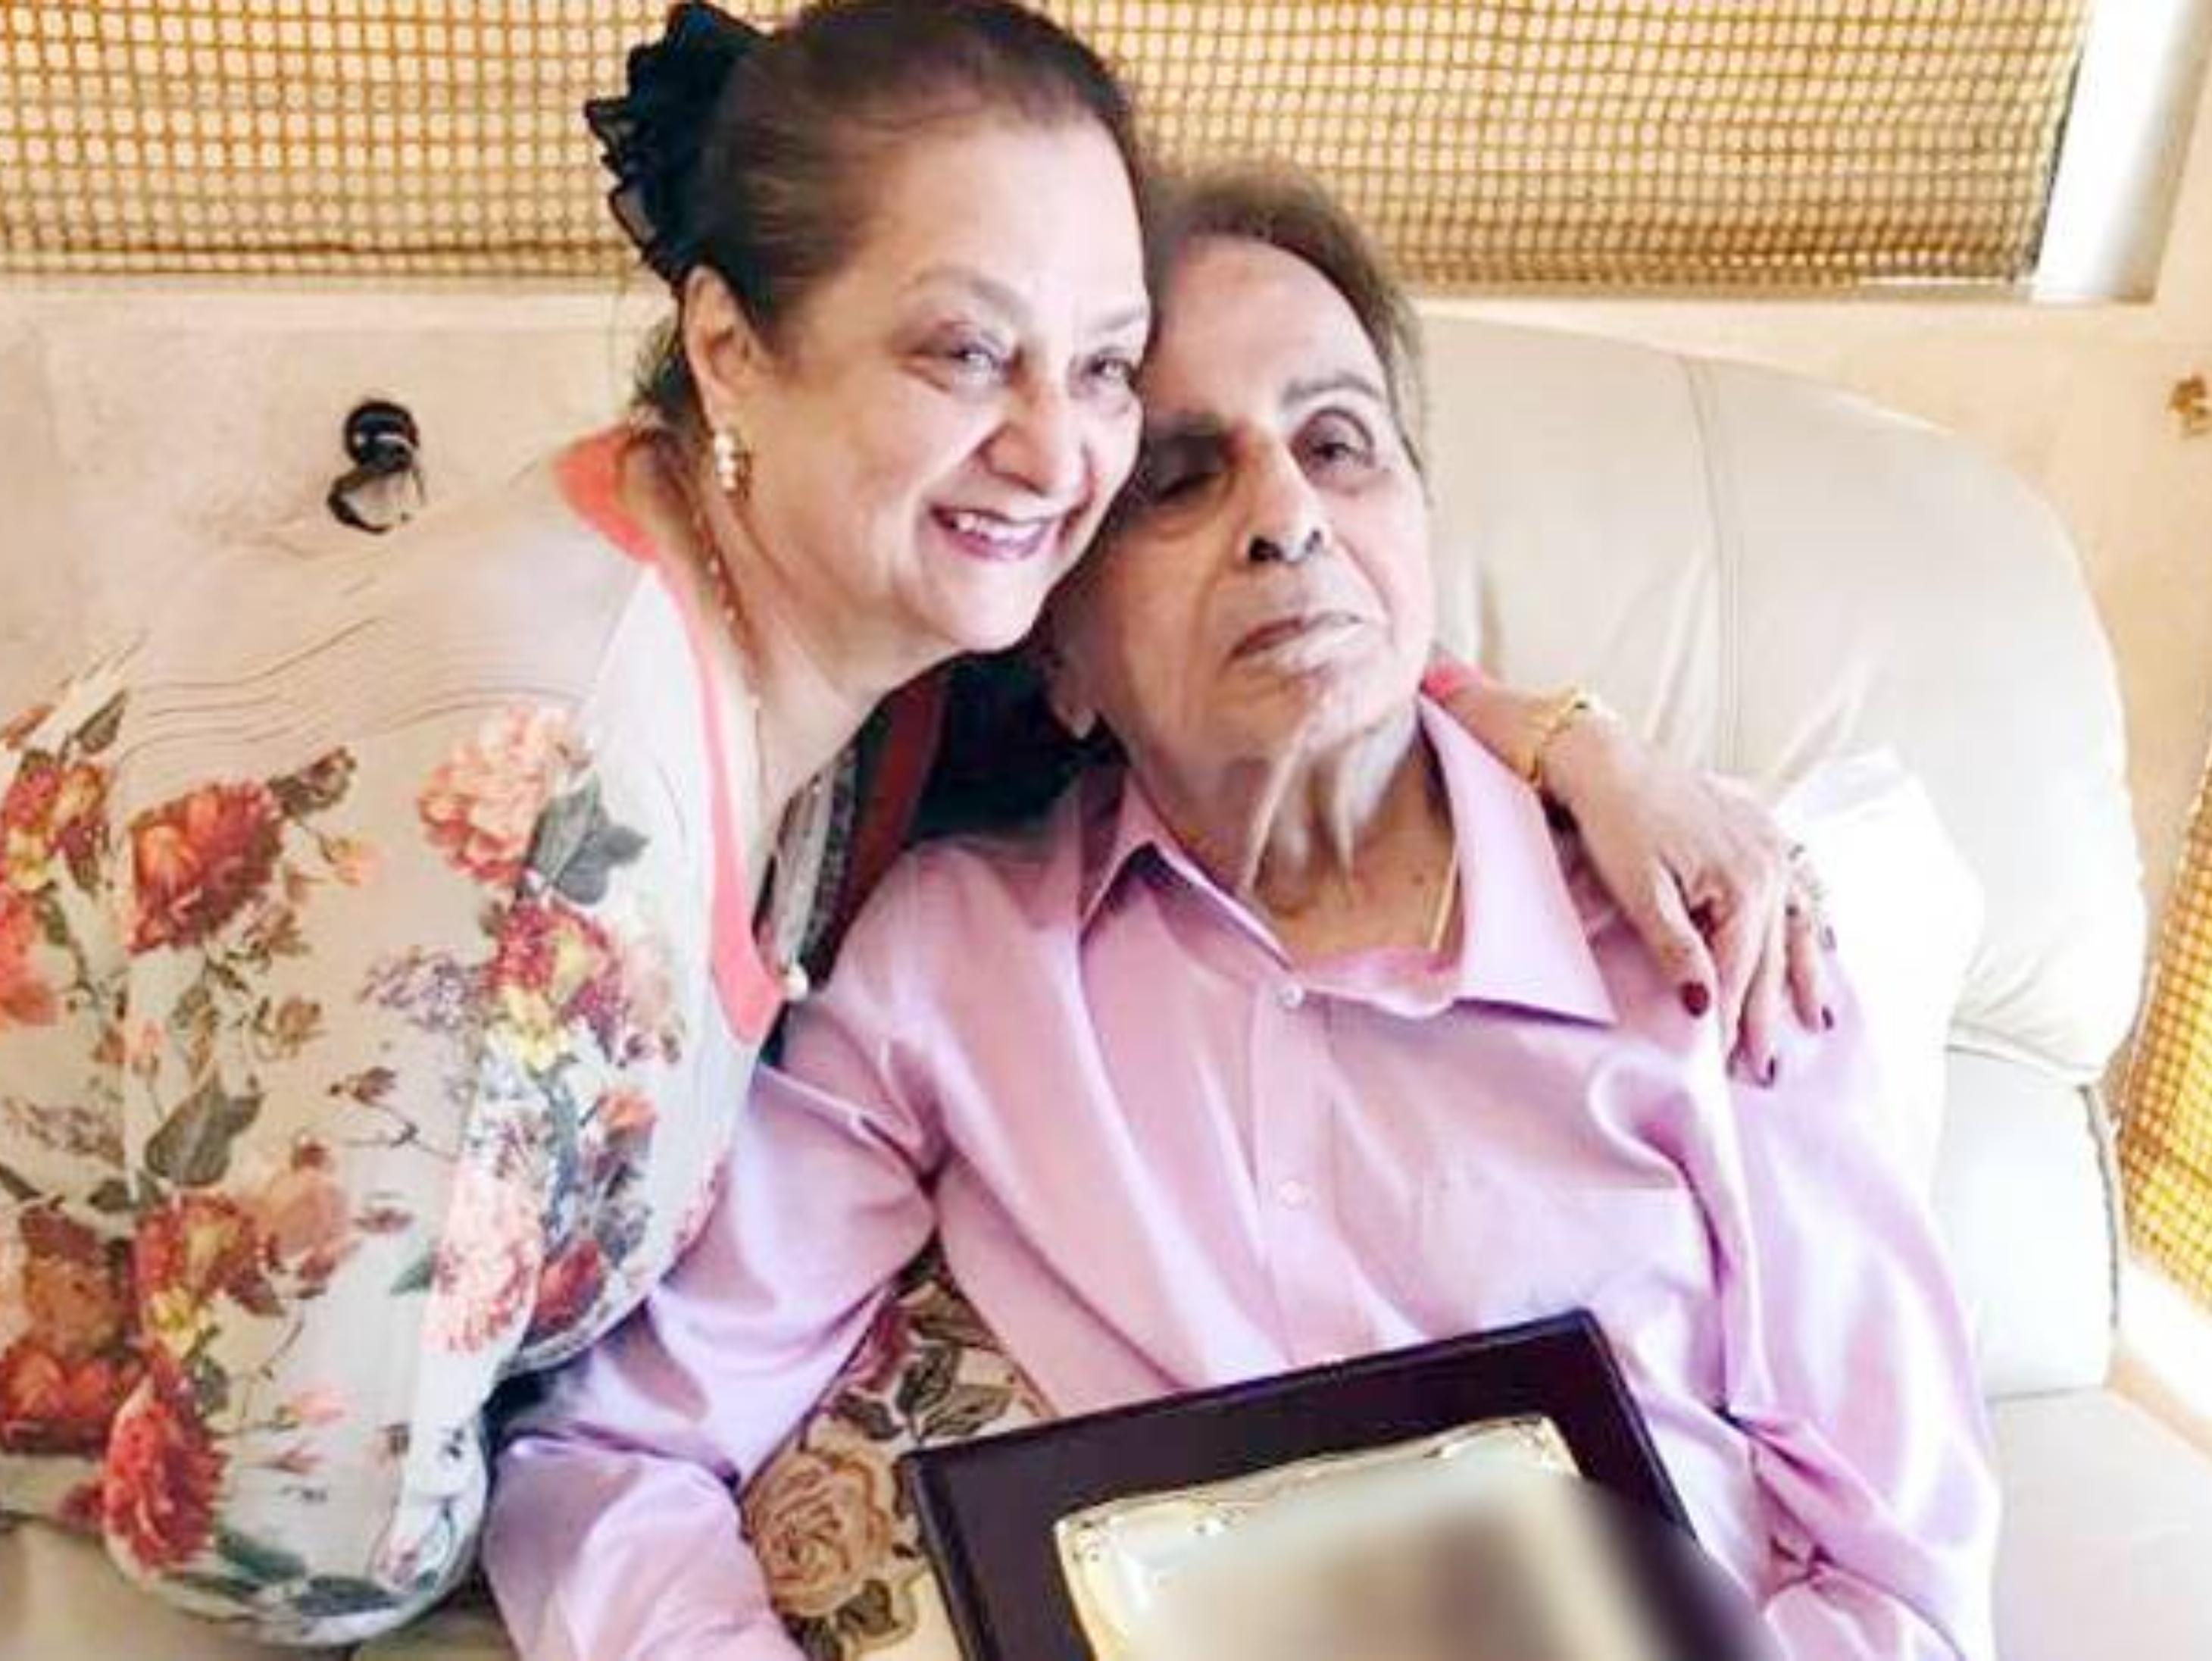 98 साल के दिलीप कुमार हॉस्पिटल में भर्ती, सायरा बोलीं- रूटीन चेकअप करवाने आए थे, अब घर जा रहे हैं|बॉलीवुड,Bollywood - Dainik Bhaskar